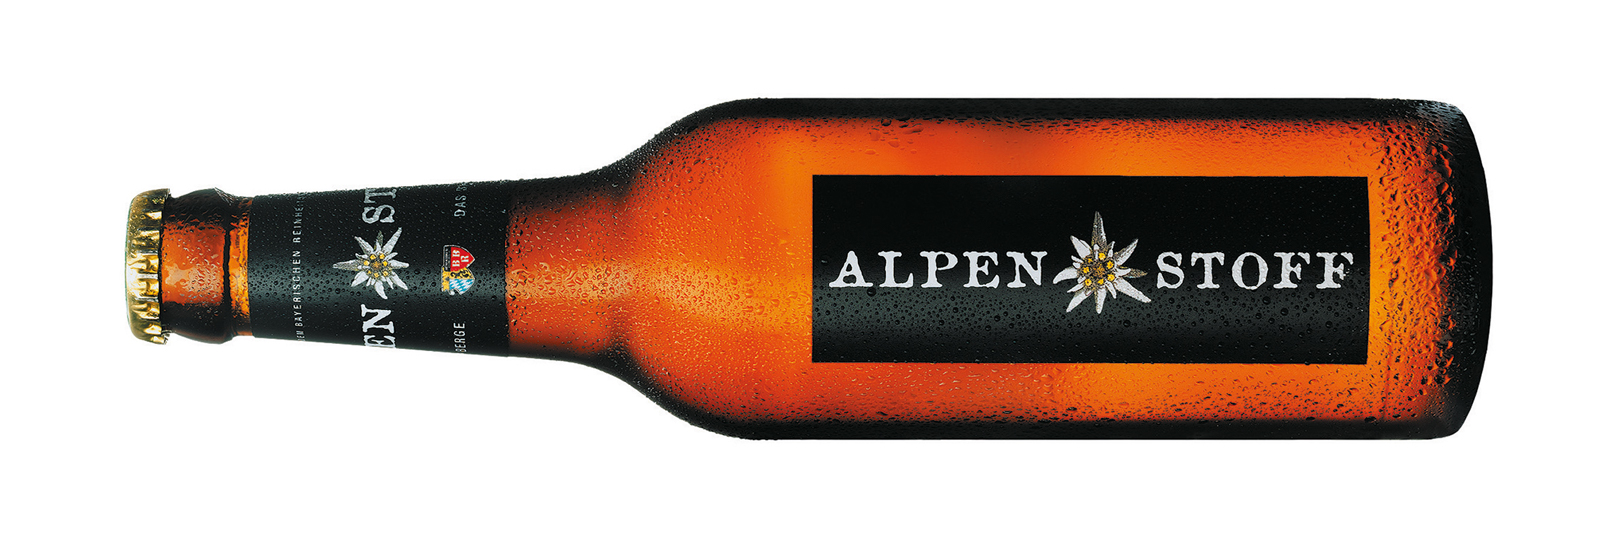 DAS_Alpenstoff